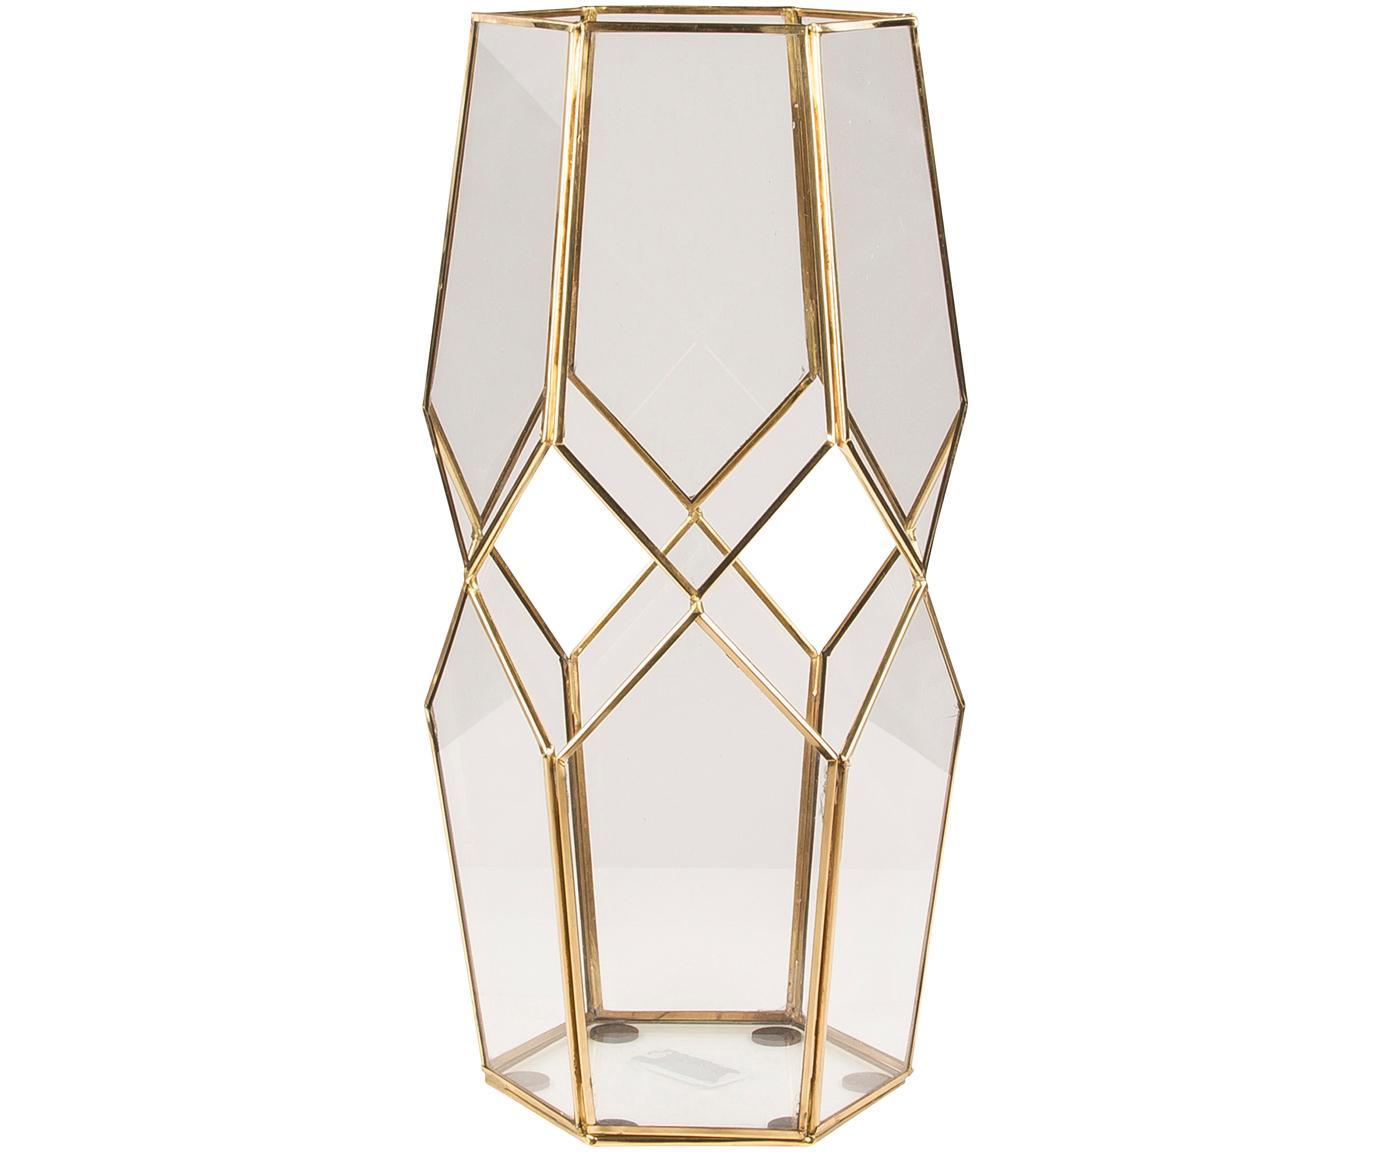 Świecznik Peter, Mosiądz, szkło, Transparentny, miedź, W 40 cm